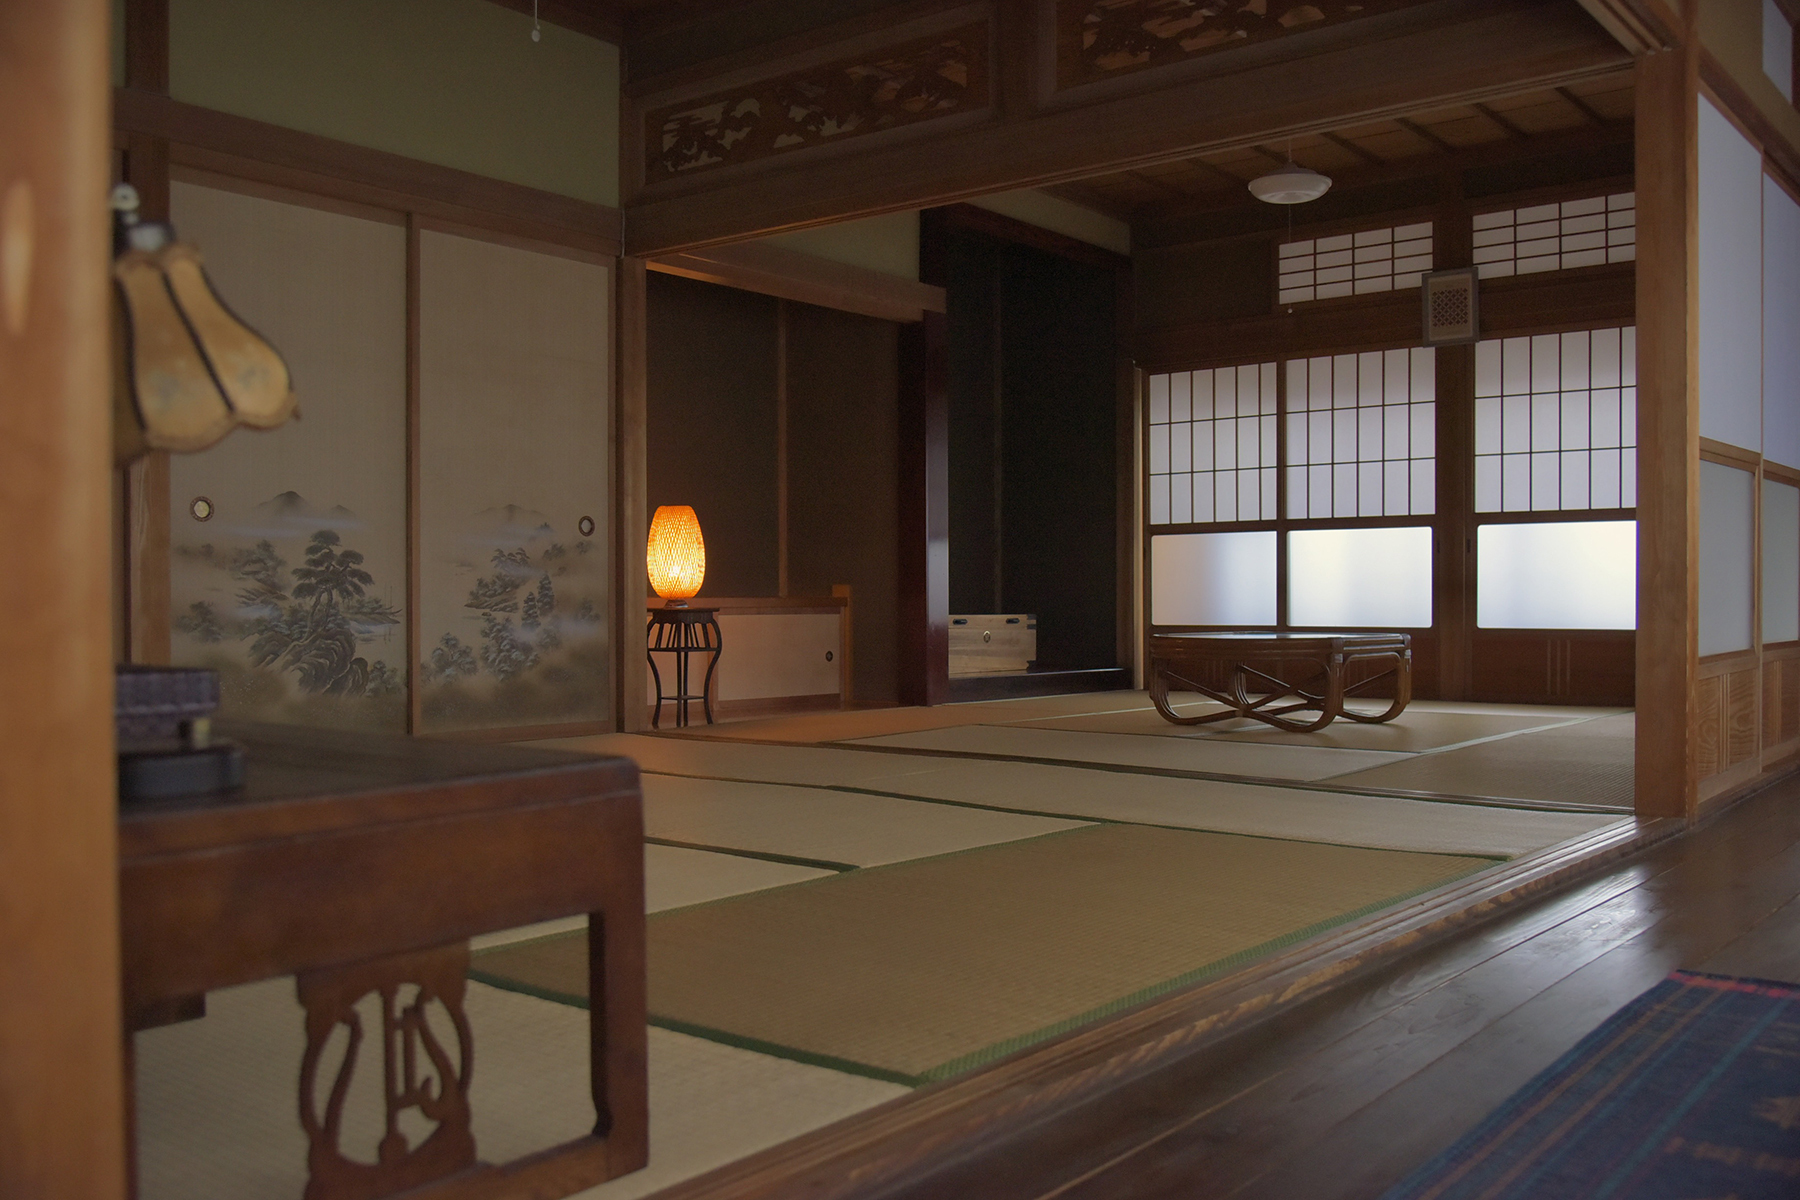 佐倉スタジオ (サクラ スタジオ)二階和室